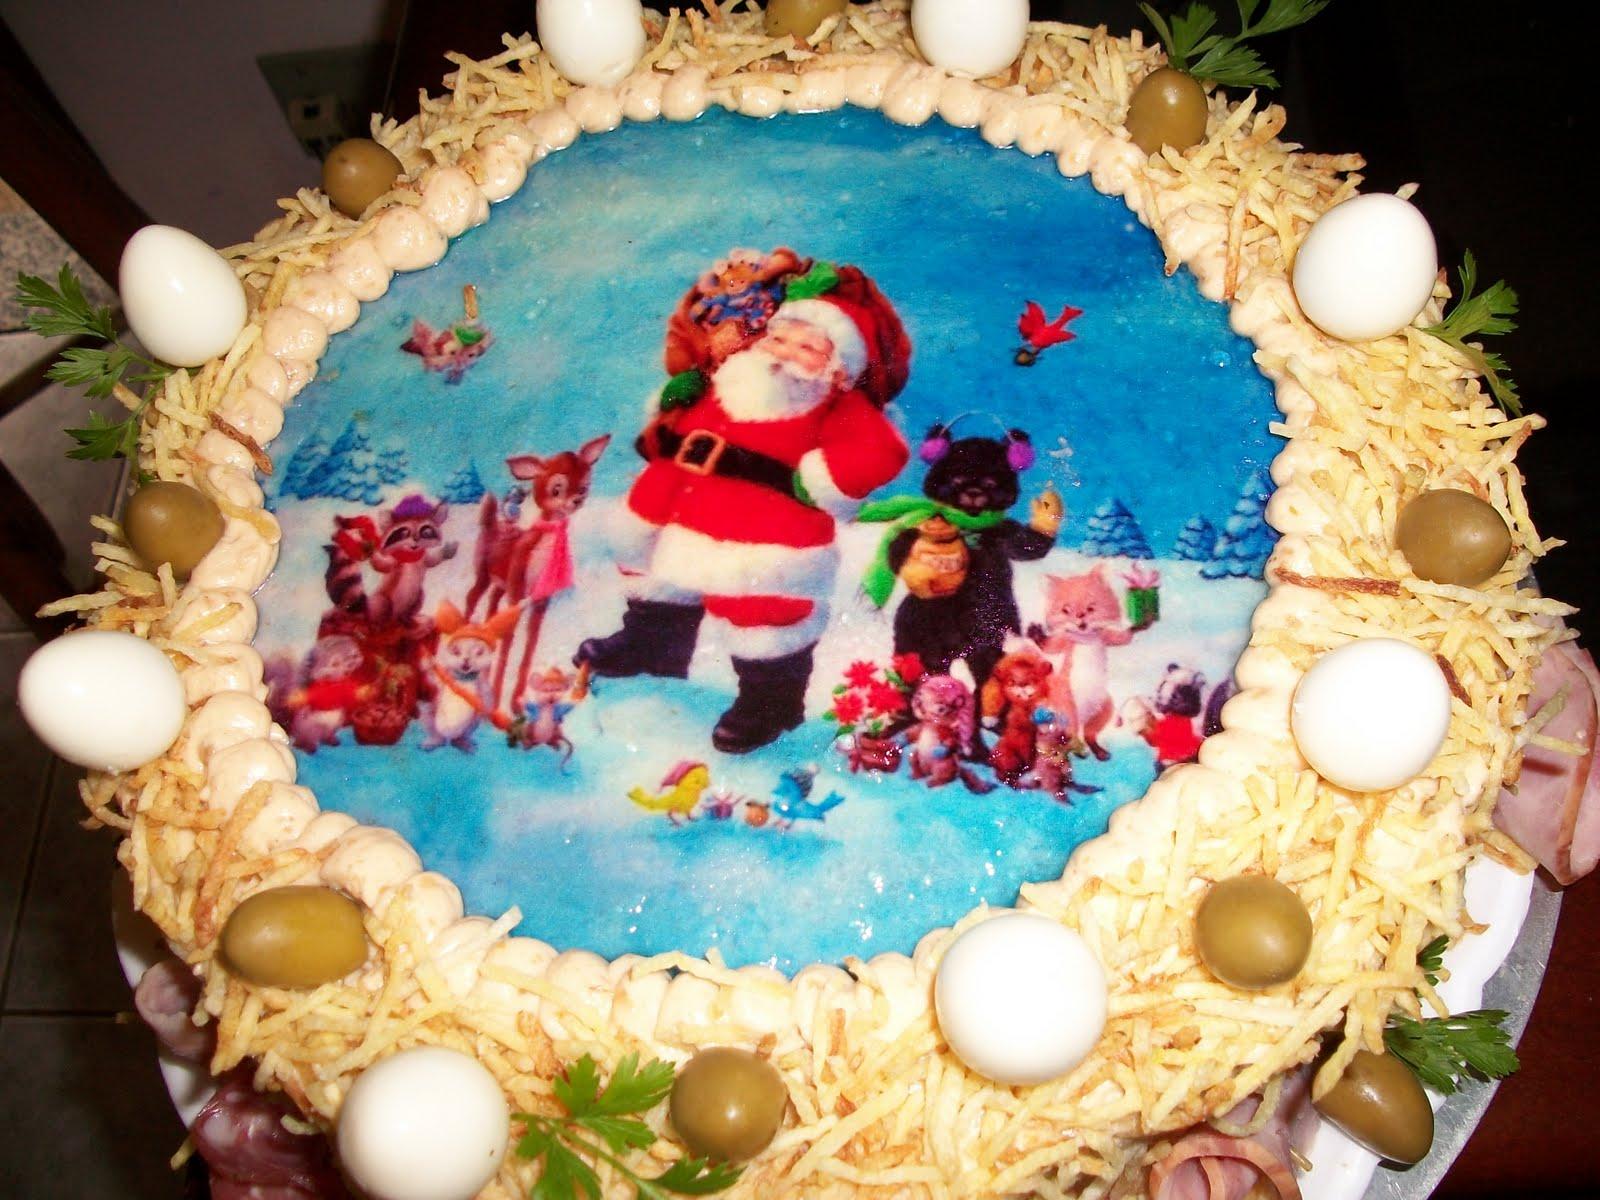 A torta de morango mais gostosa - 1 8